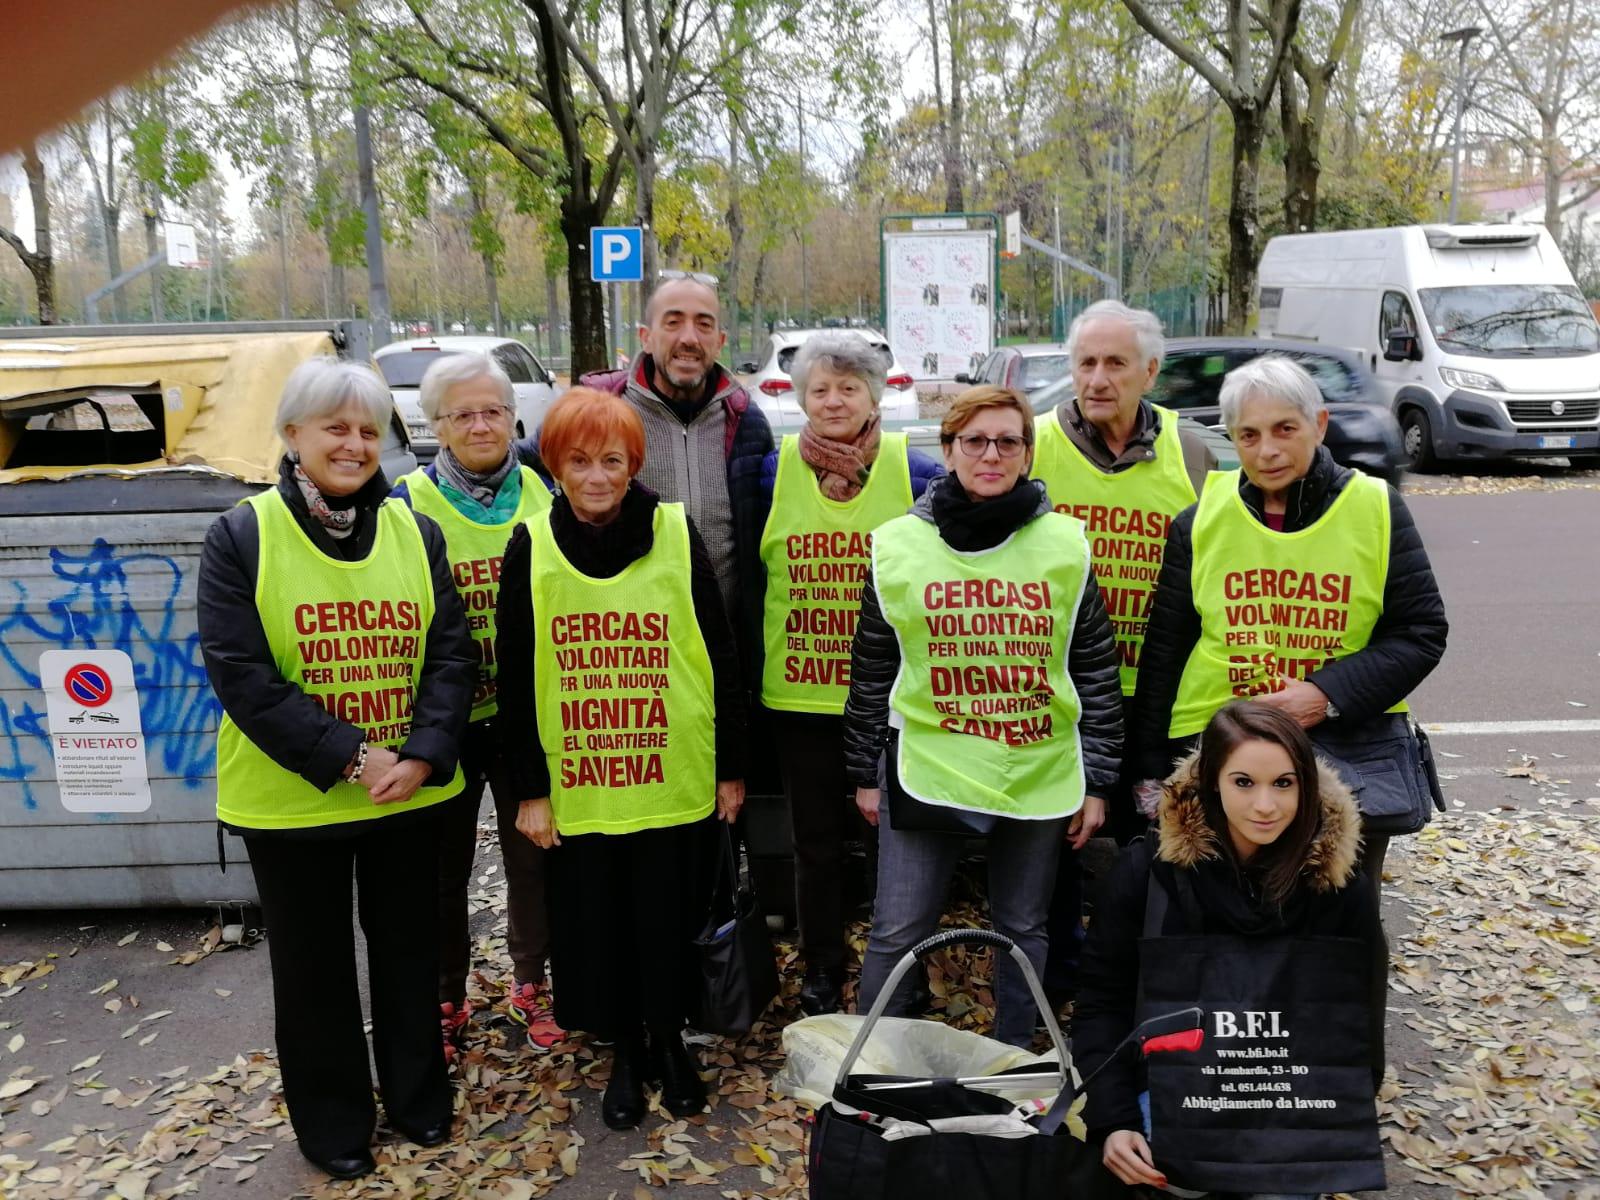 Gruppo di volontari che si prende cura di un giardino